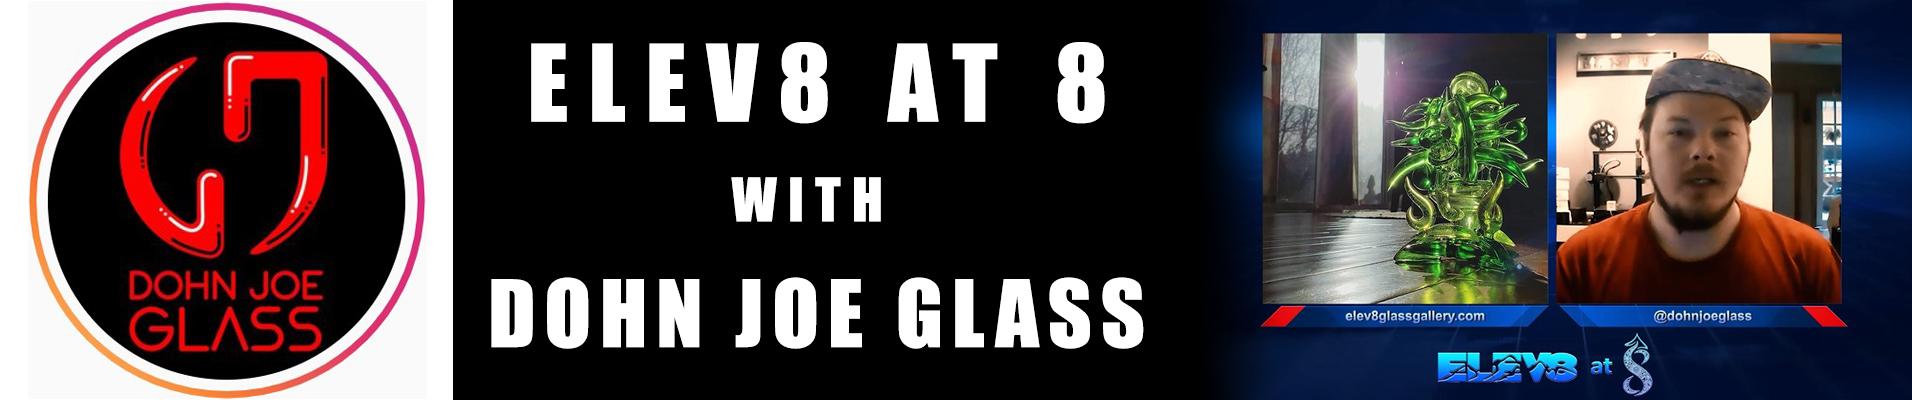 dohn-joe-glass-banner.jpg